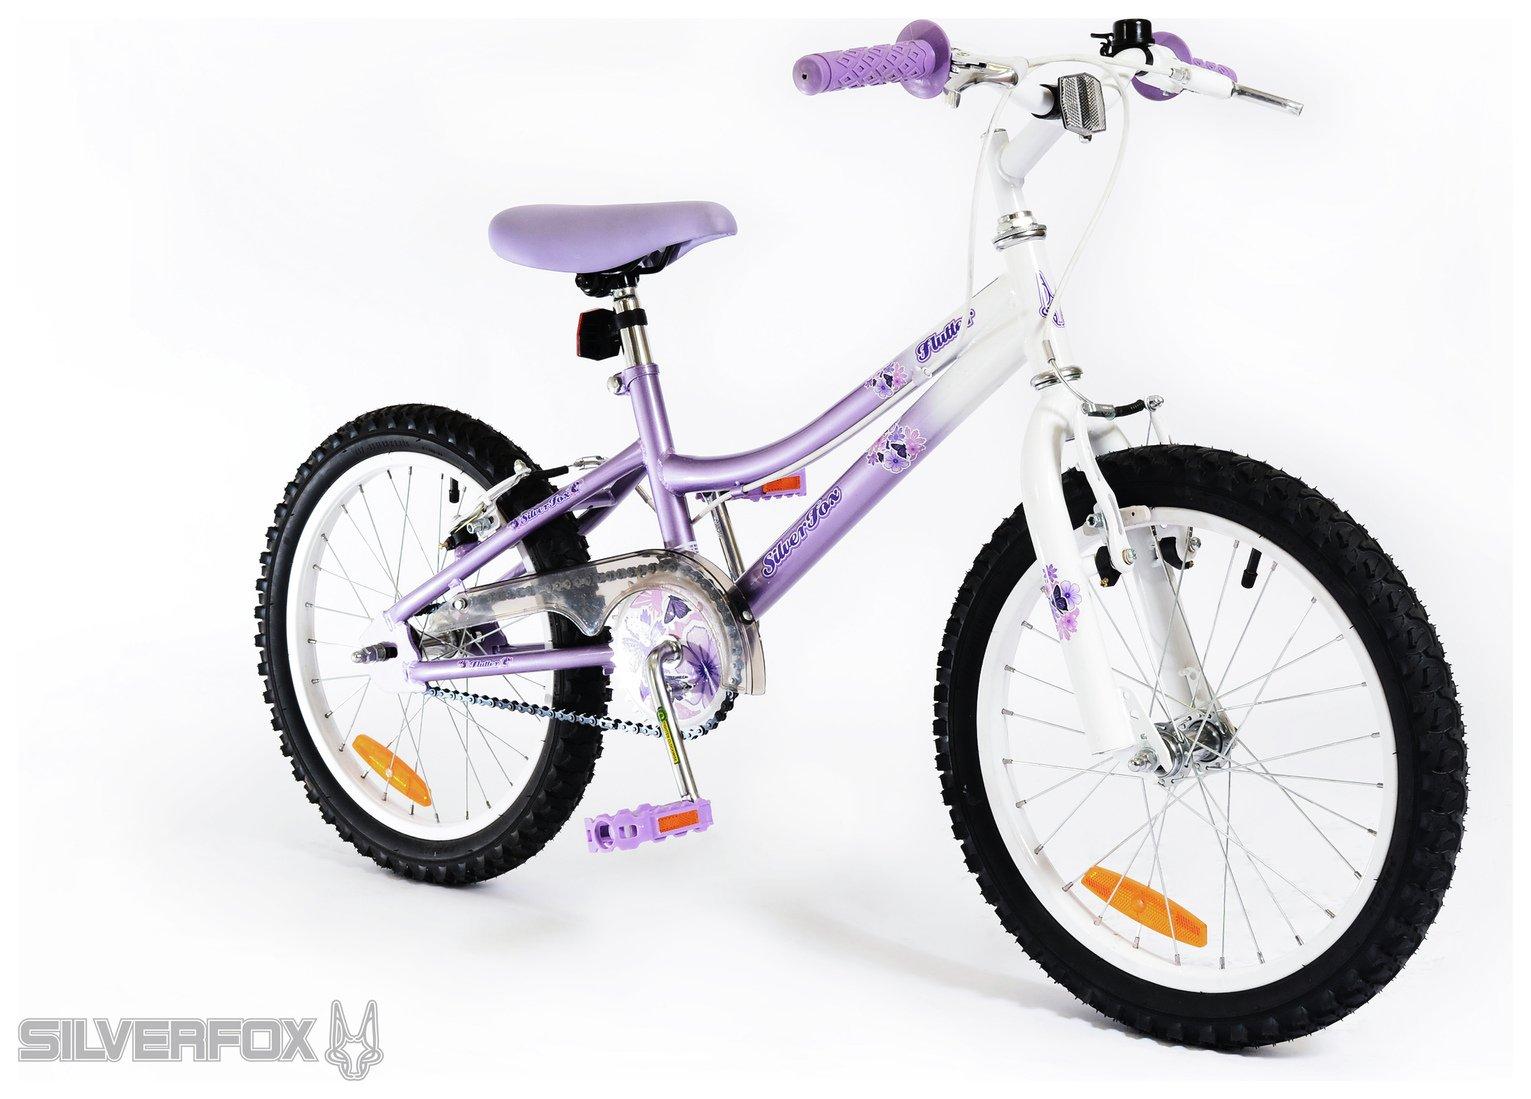 Silverfox Flutter 18 Inch Kids Bike